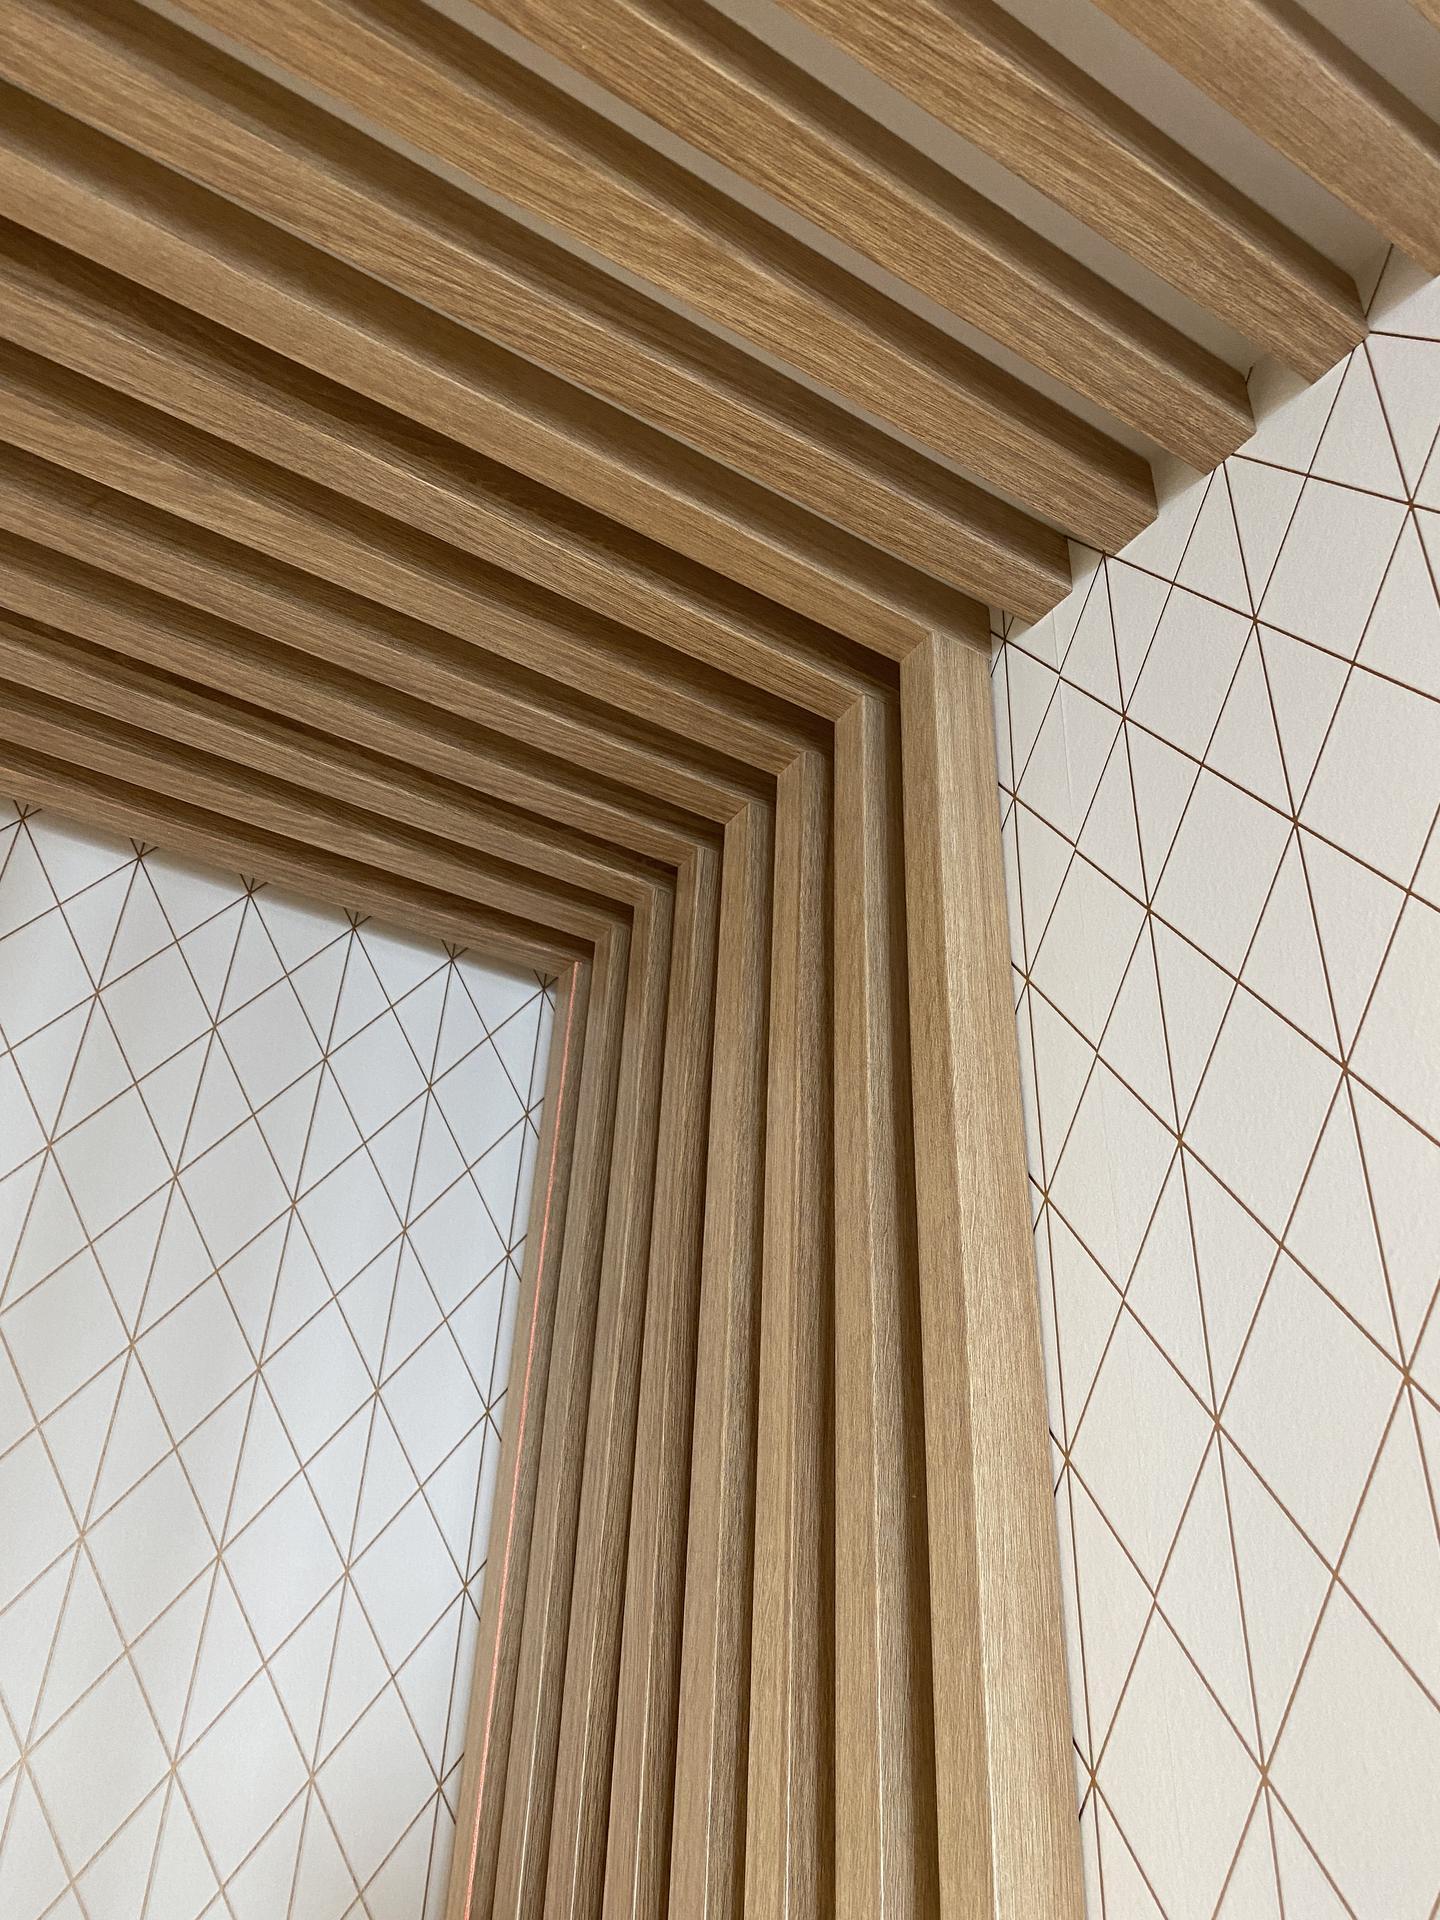 Lamelová stena Limbach - lamelová stena, lamelový strop, lamely na stenu, lamelový obklad, stenové lamely, montáž lamely, samostatné lamely, dubové lamely, interiérové stenové lamely 12